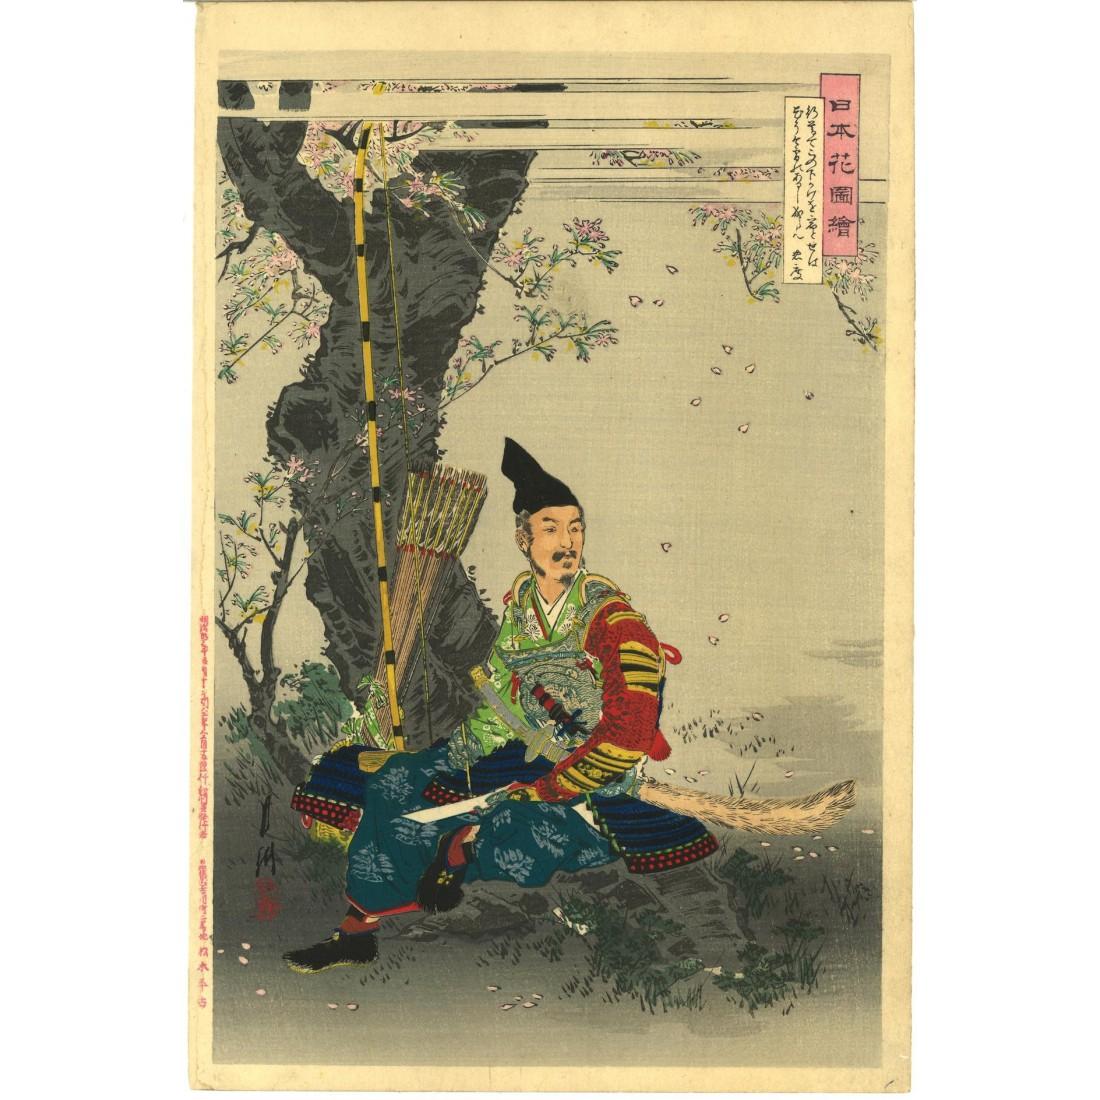 A general Taira no Tadanori - no 10